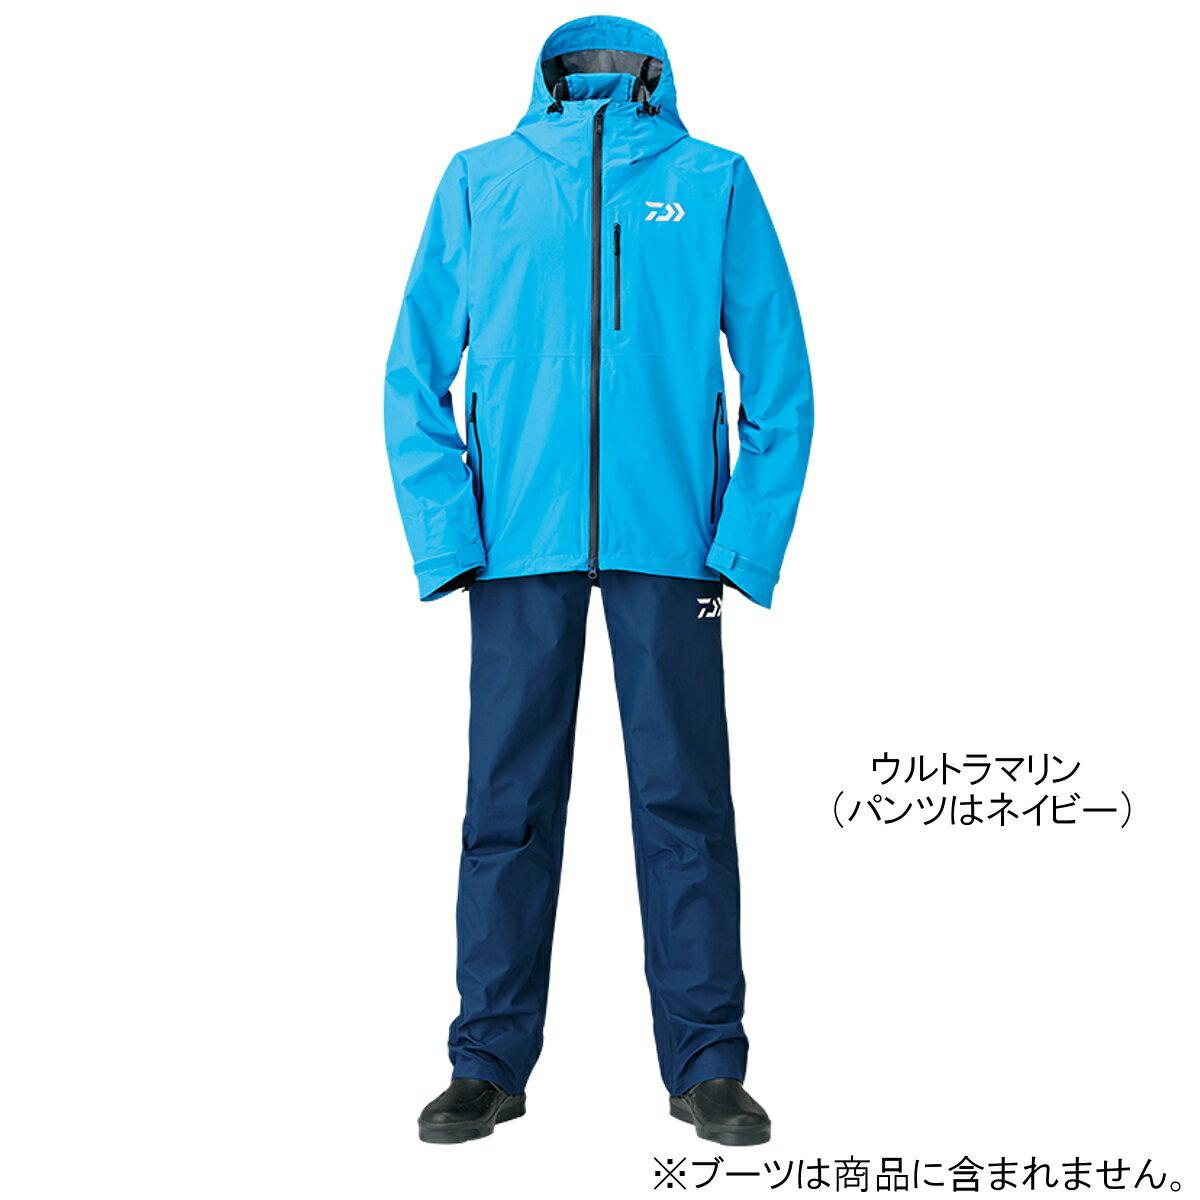 ダイワ レインマックス レインスーツ DR-33008 XL ウルトラマリン【送料無料】